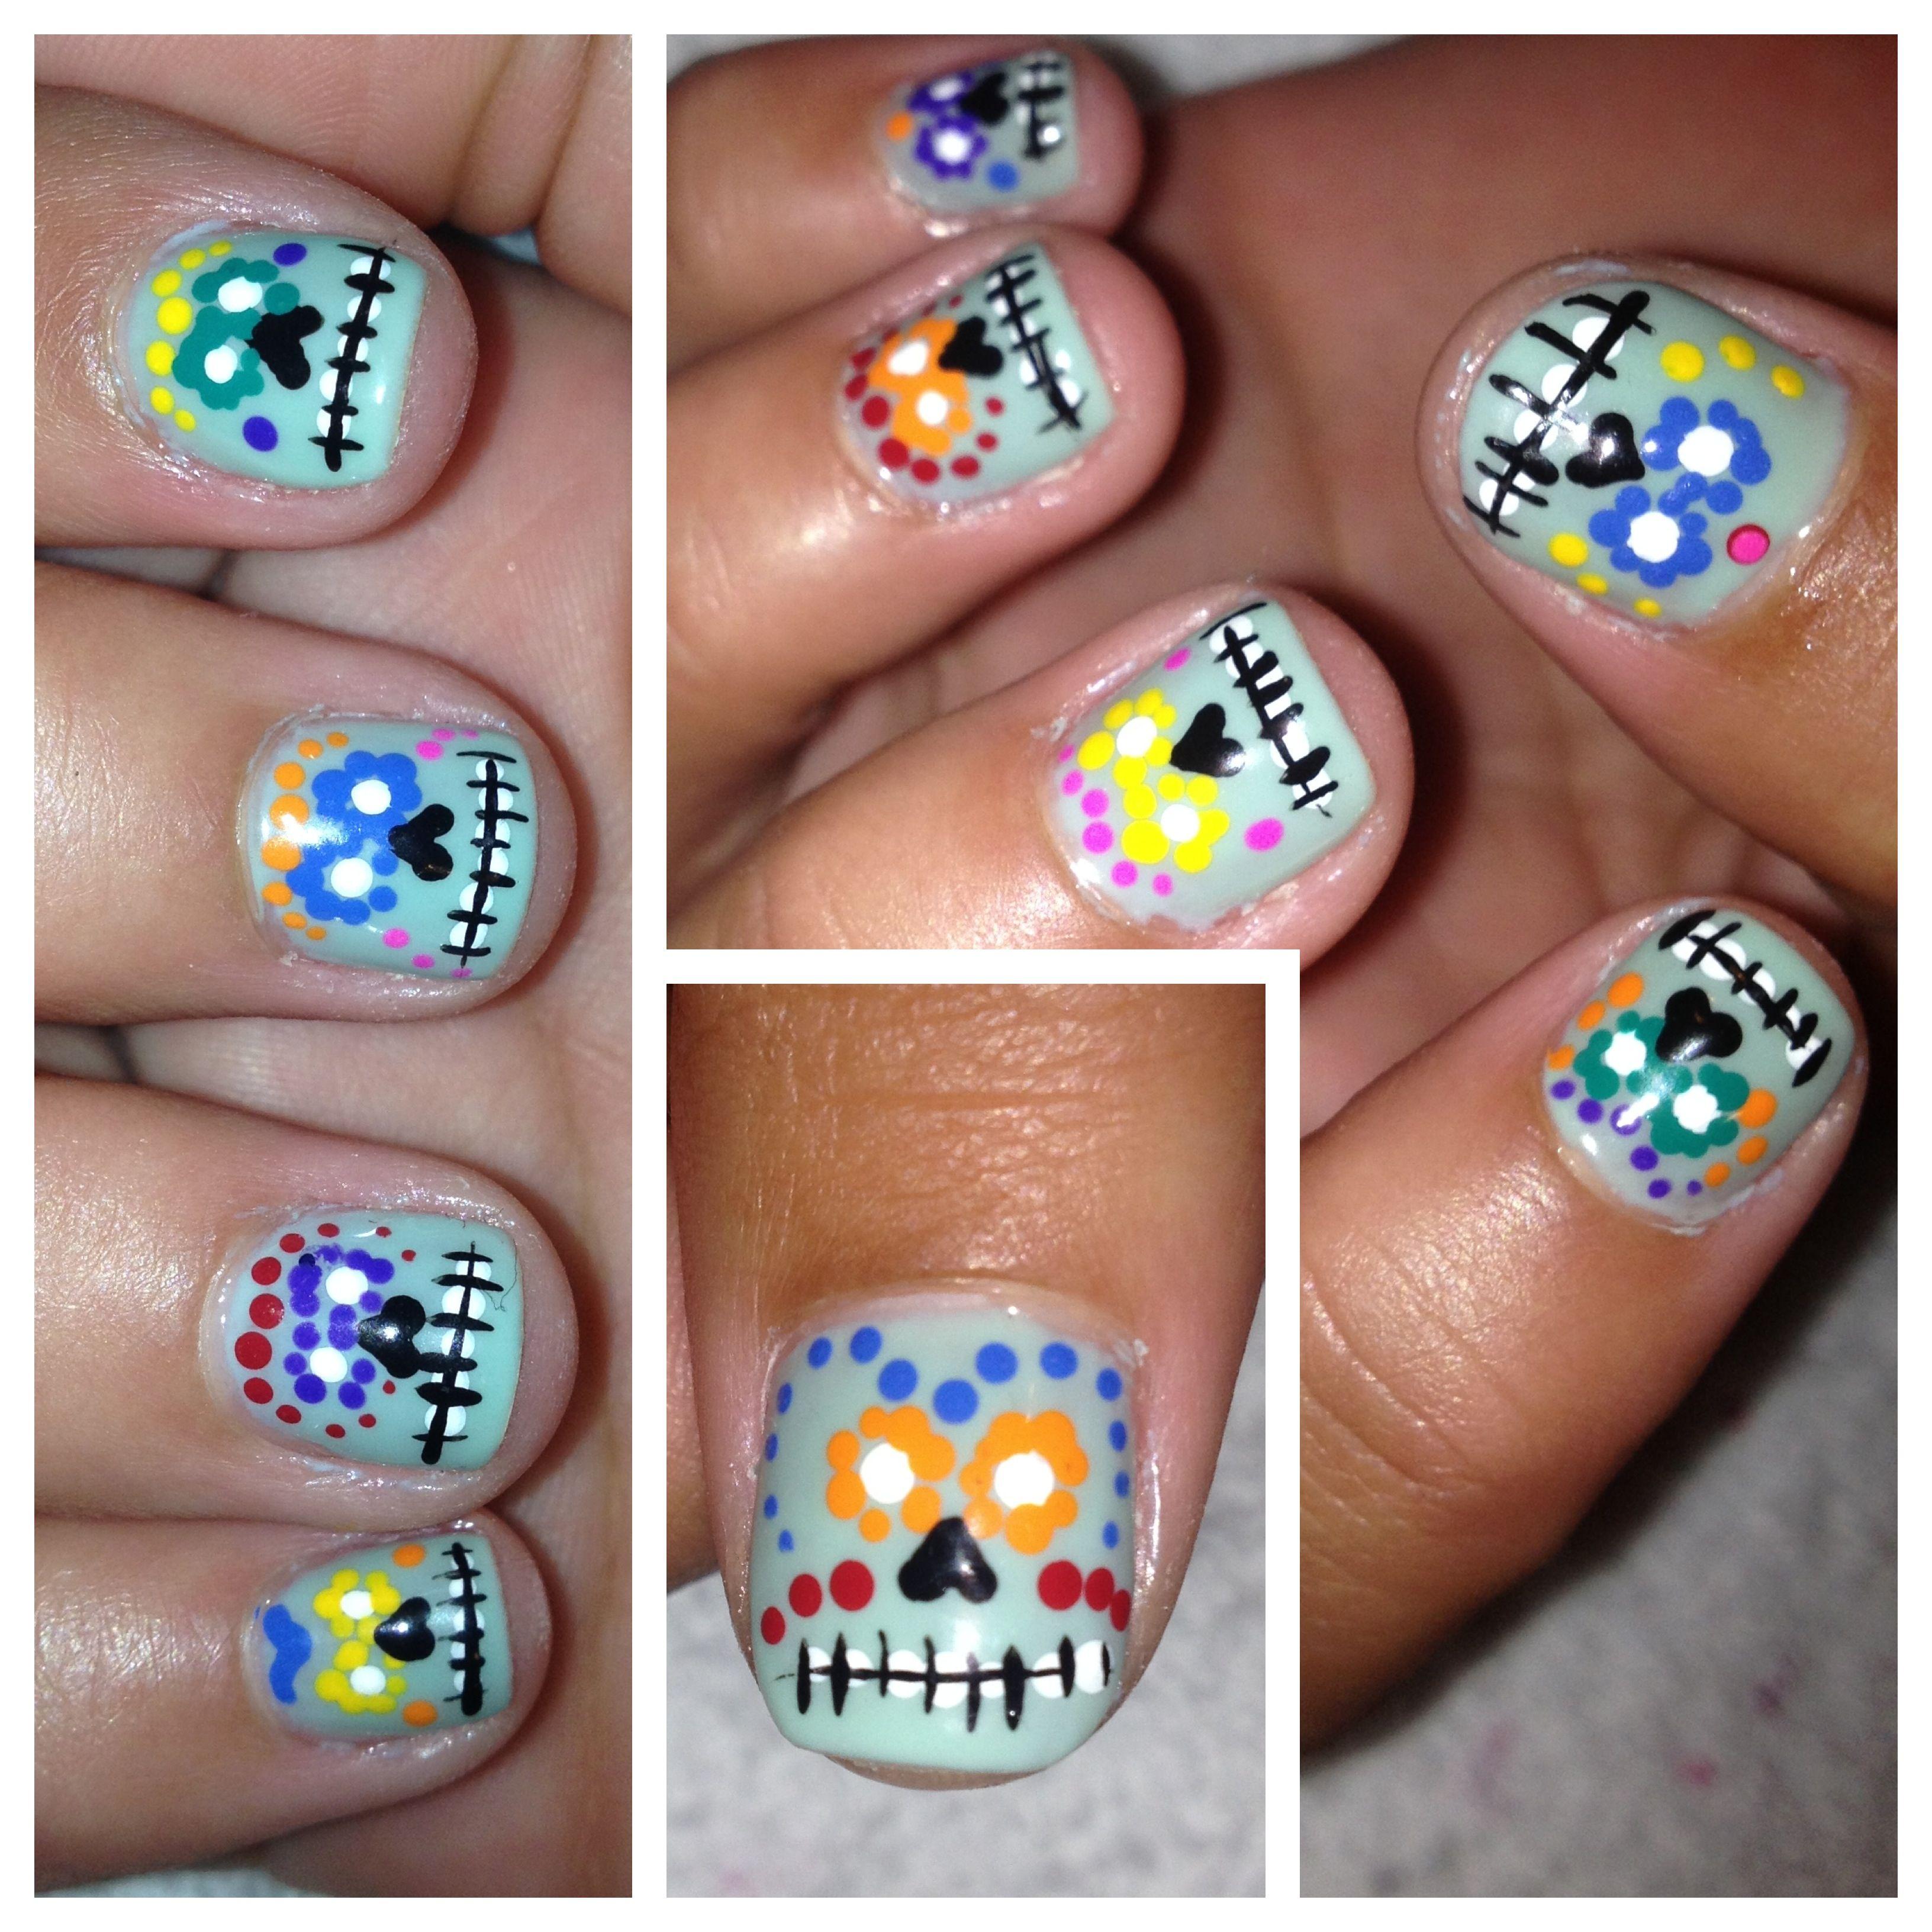 Day of the dead | #nails nails nails #nailart | Pinterest | Nail nail